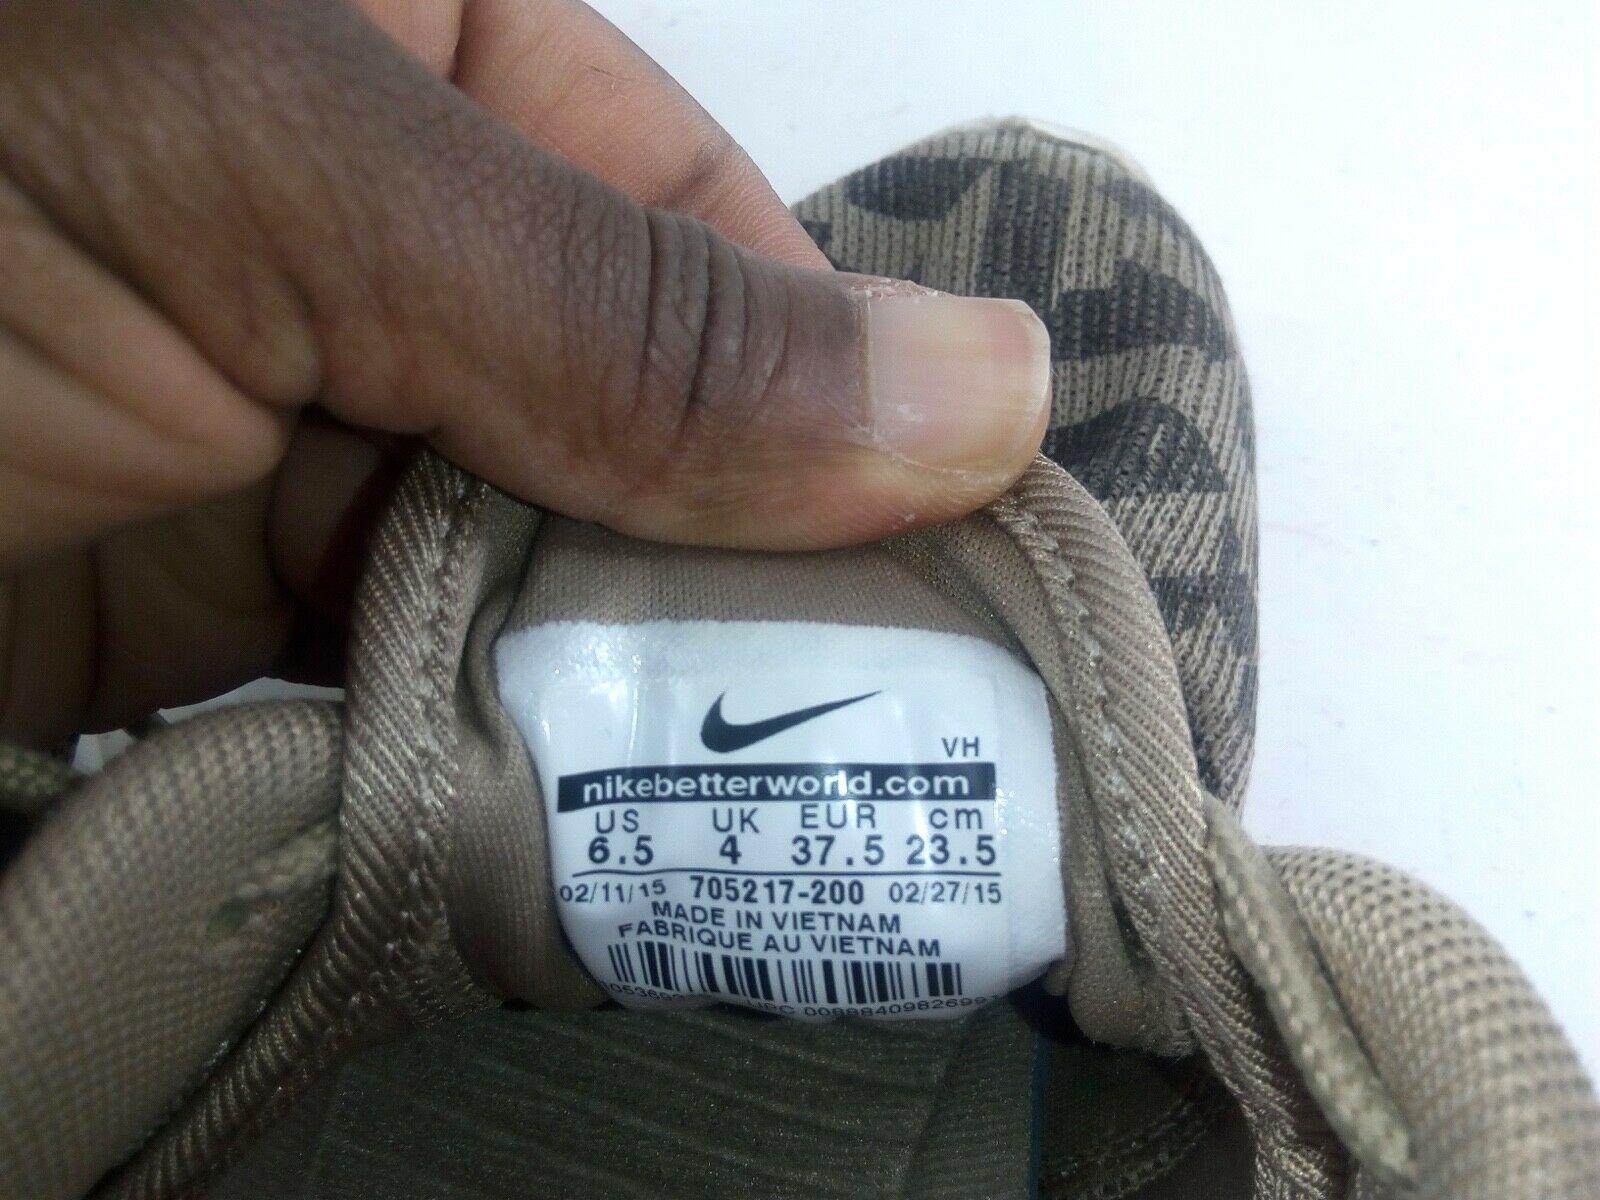 Nike Women's Sneakers 6.5 Roshe Run One Jacquard Beige Desert Camo 705217 200 image 9